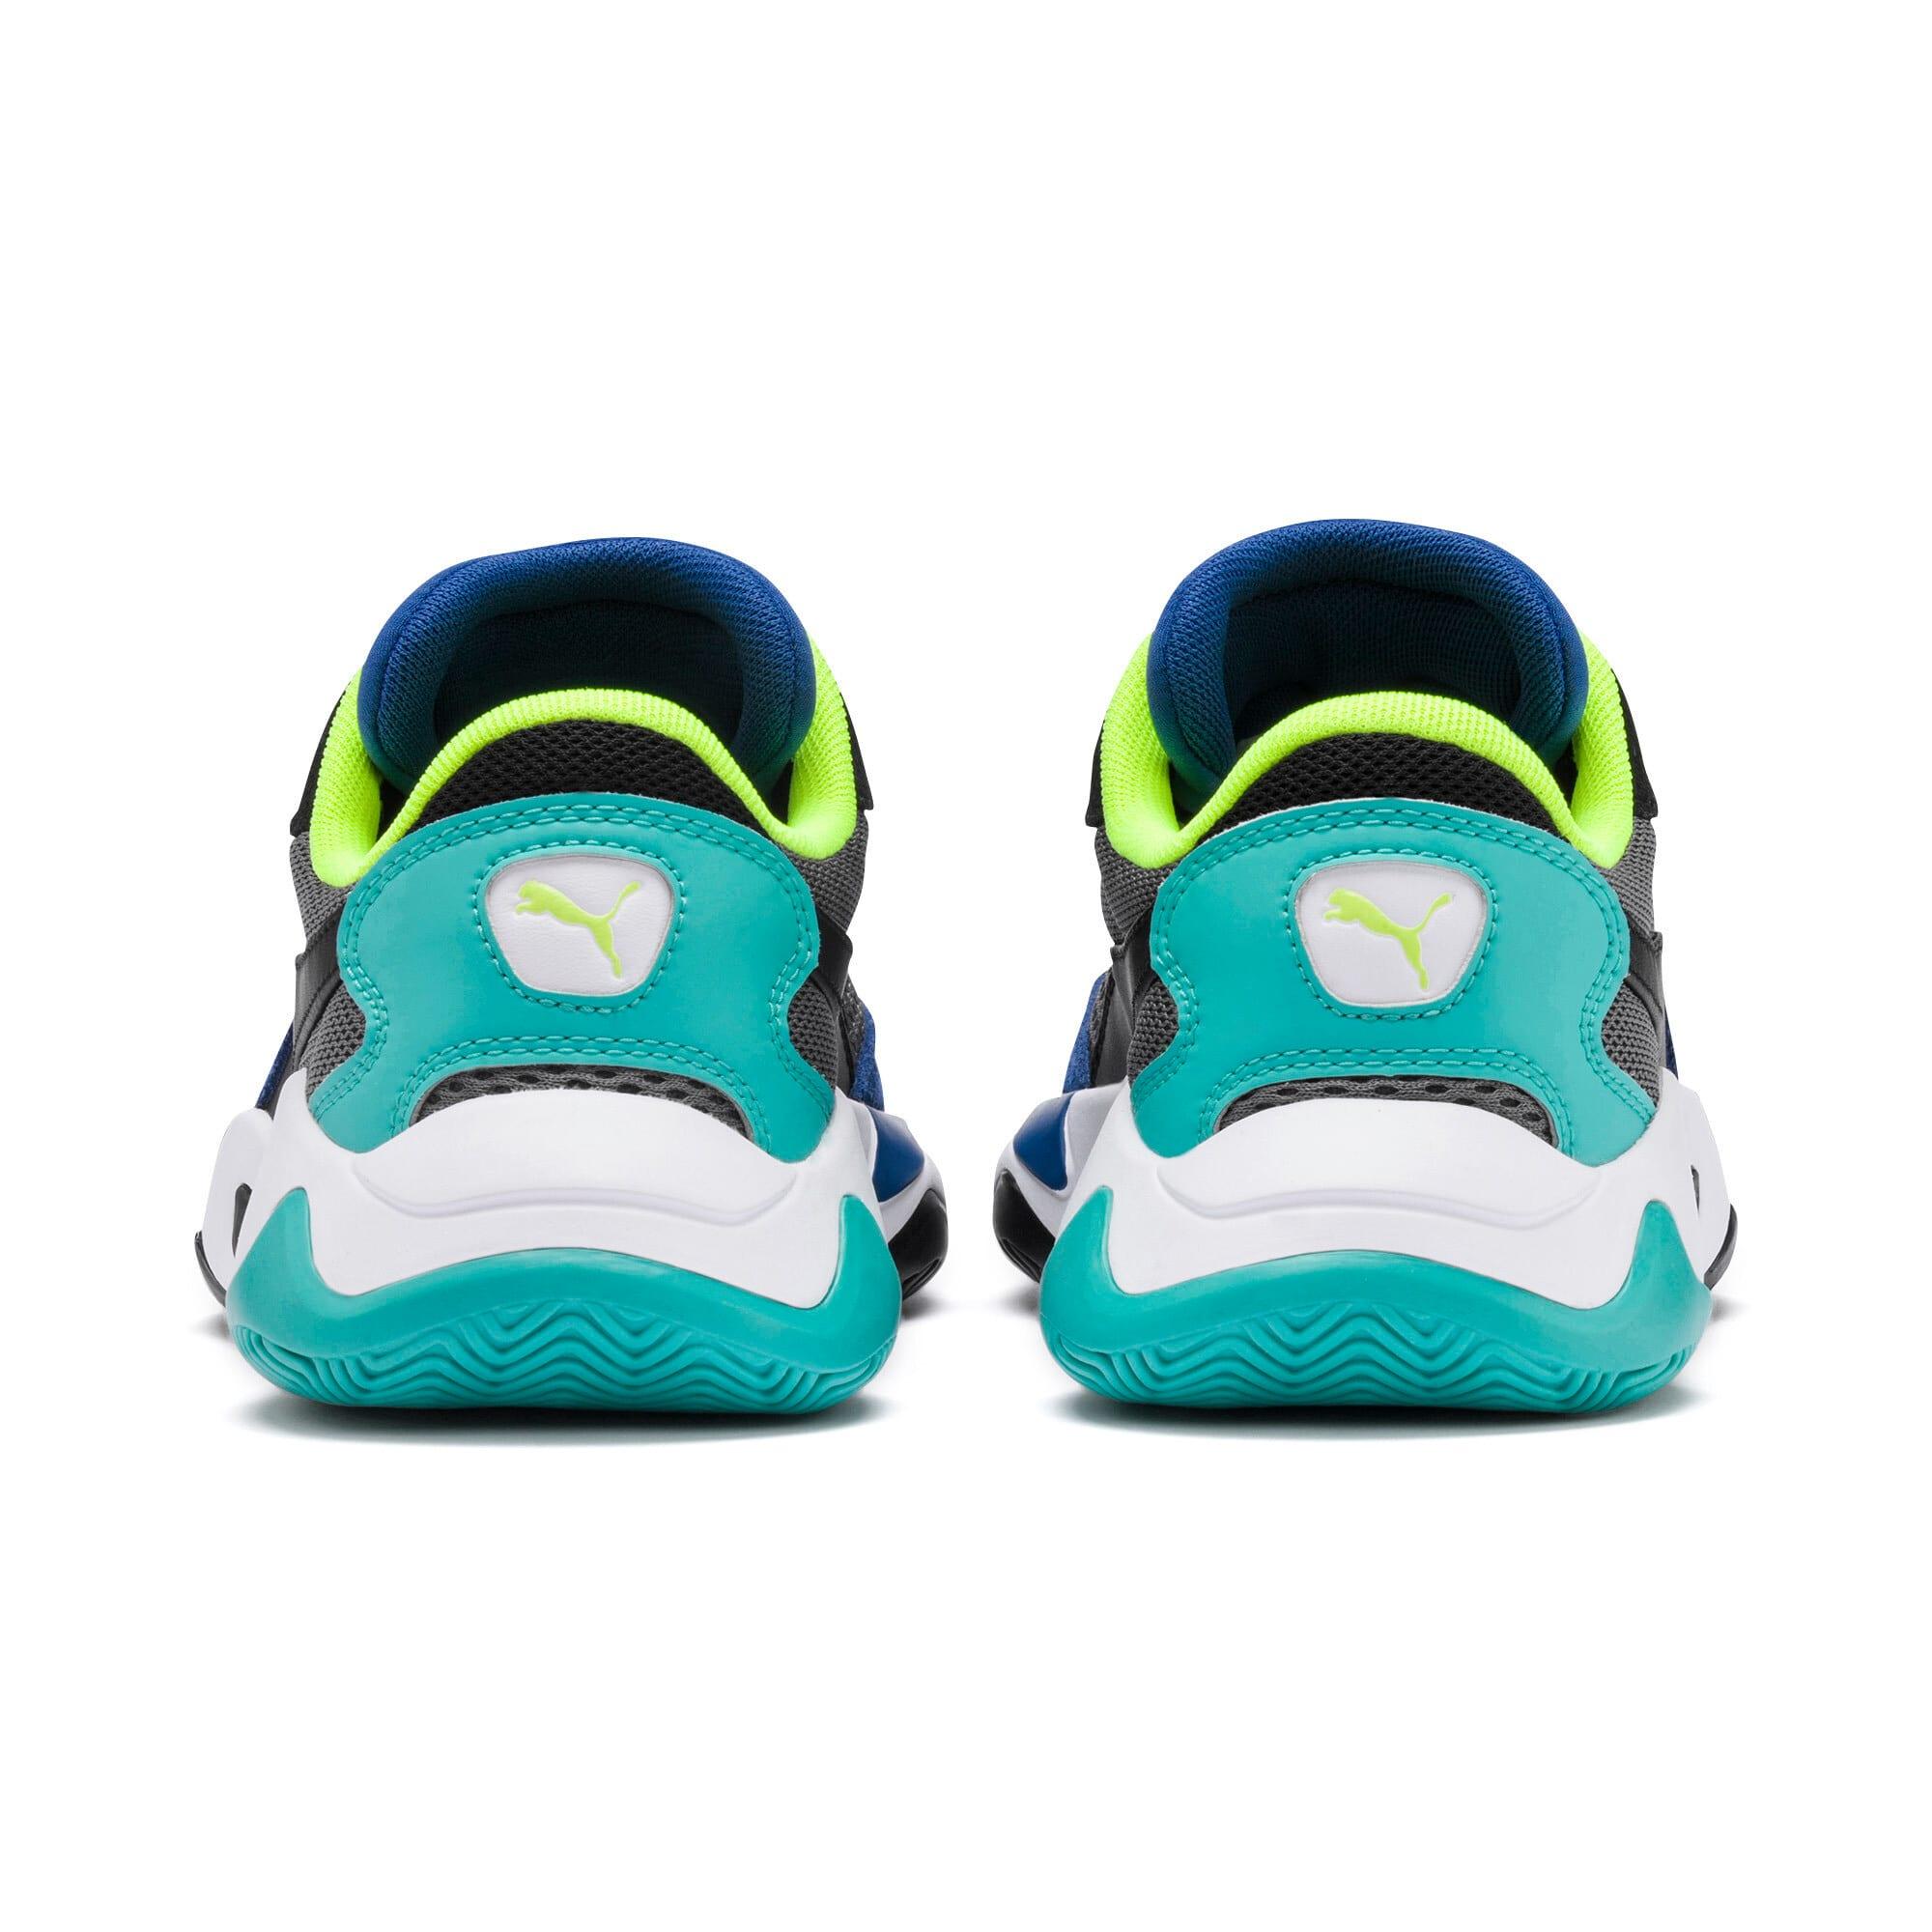 Imagen en miniatura 3 de Zapatillas de niño Storm Origin, Galaxy Blue-CASTLEROCK, mediana